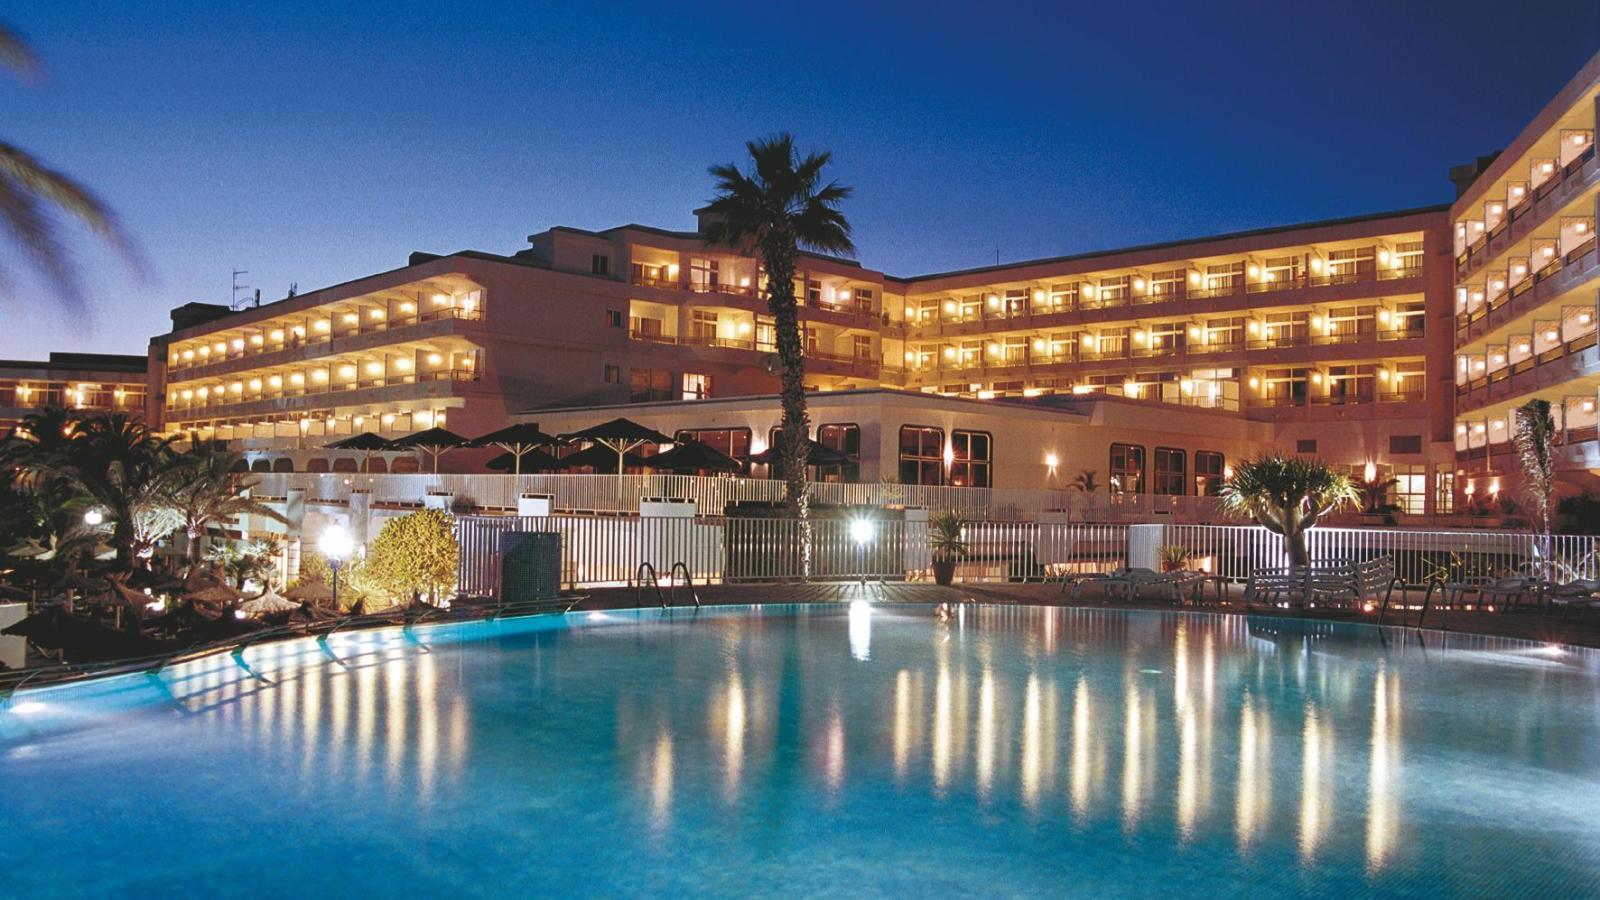 Hotel San Antonio Lanzarote Holidays With Topflight